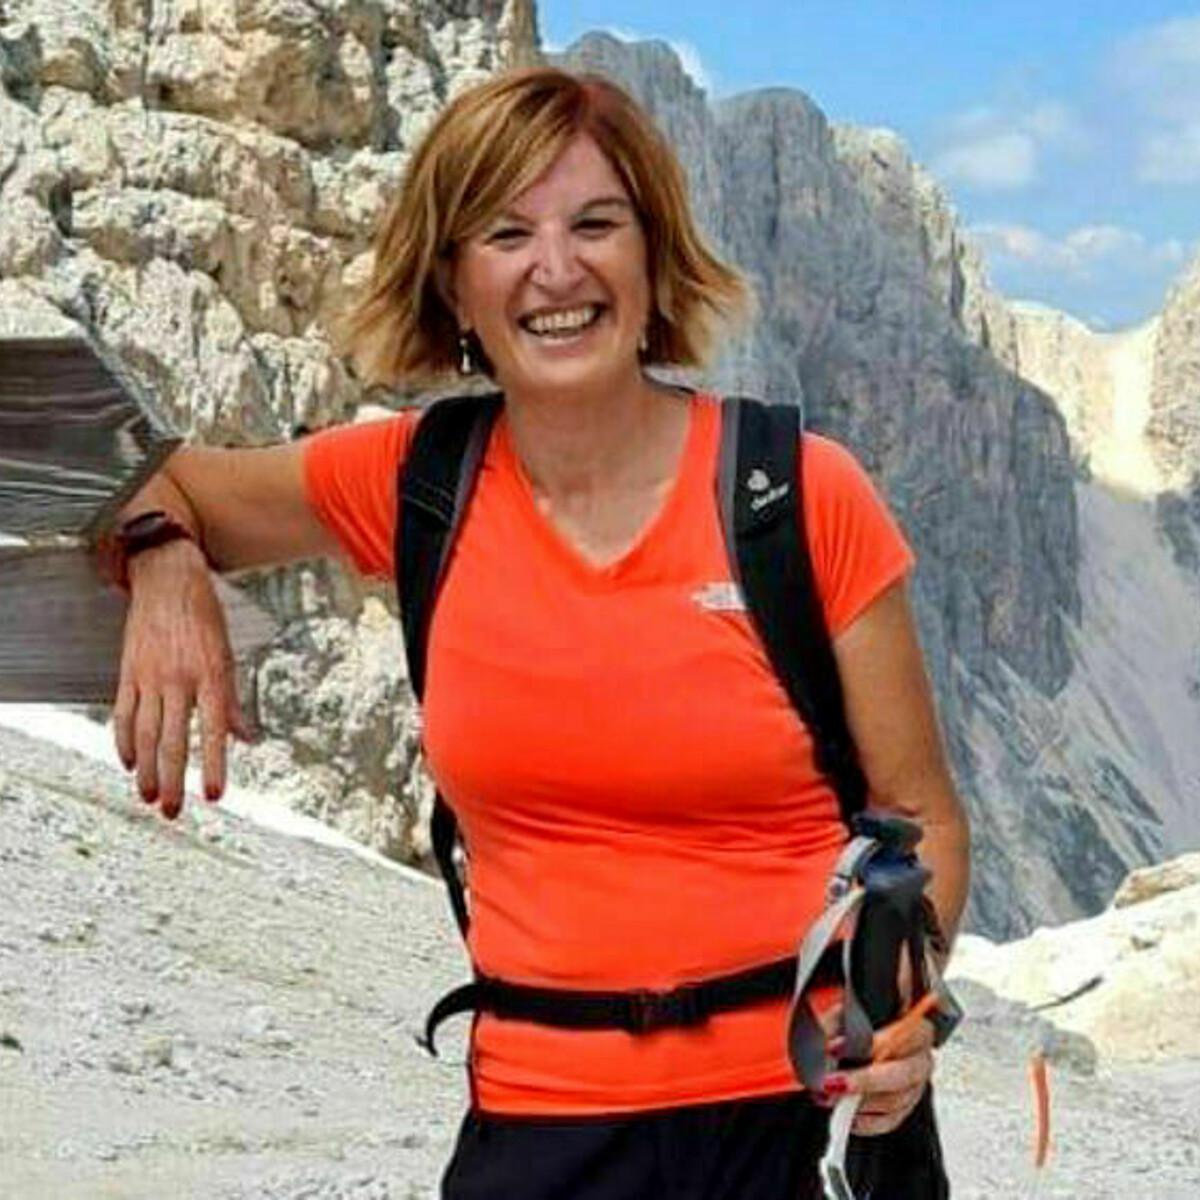 Laura Ziliani: ricerche per uccidere sul web, cadavere nascosto per mesi in un luogo misterioso e tisana avvelenata